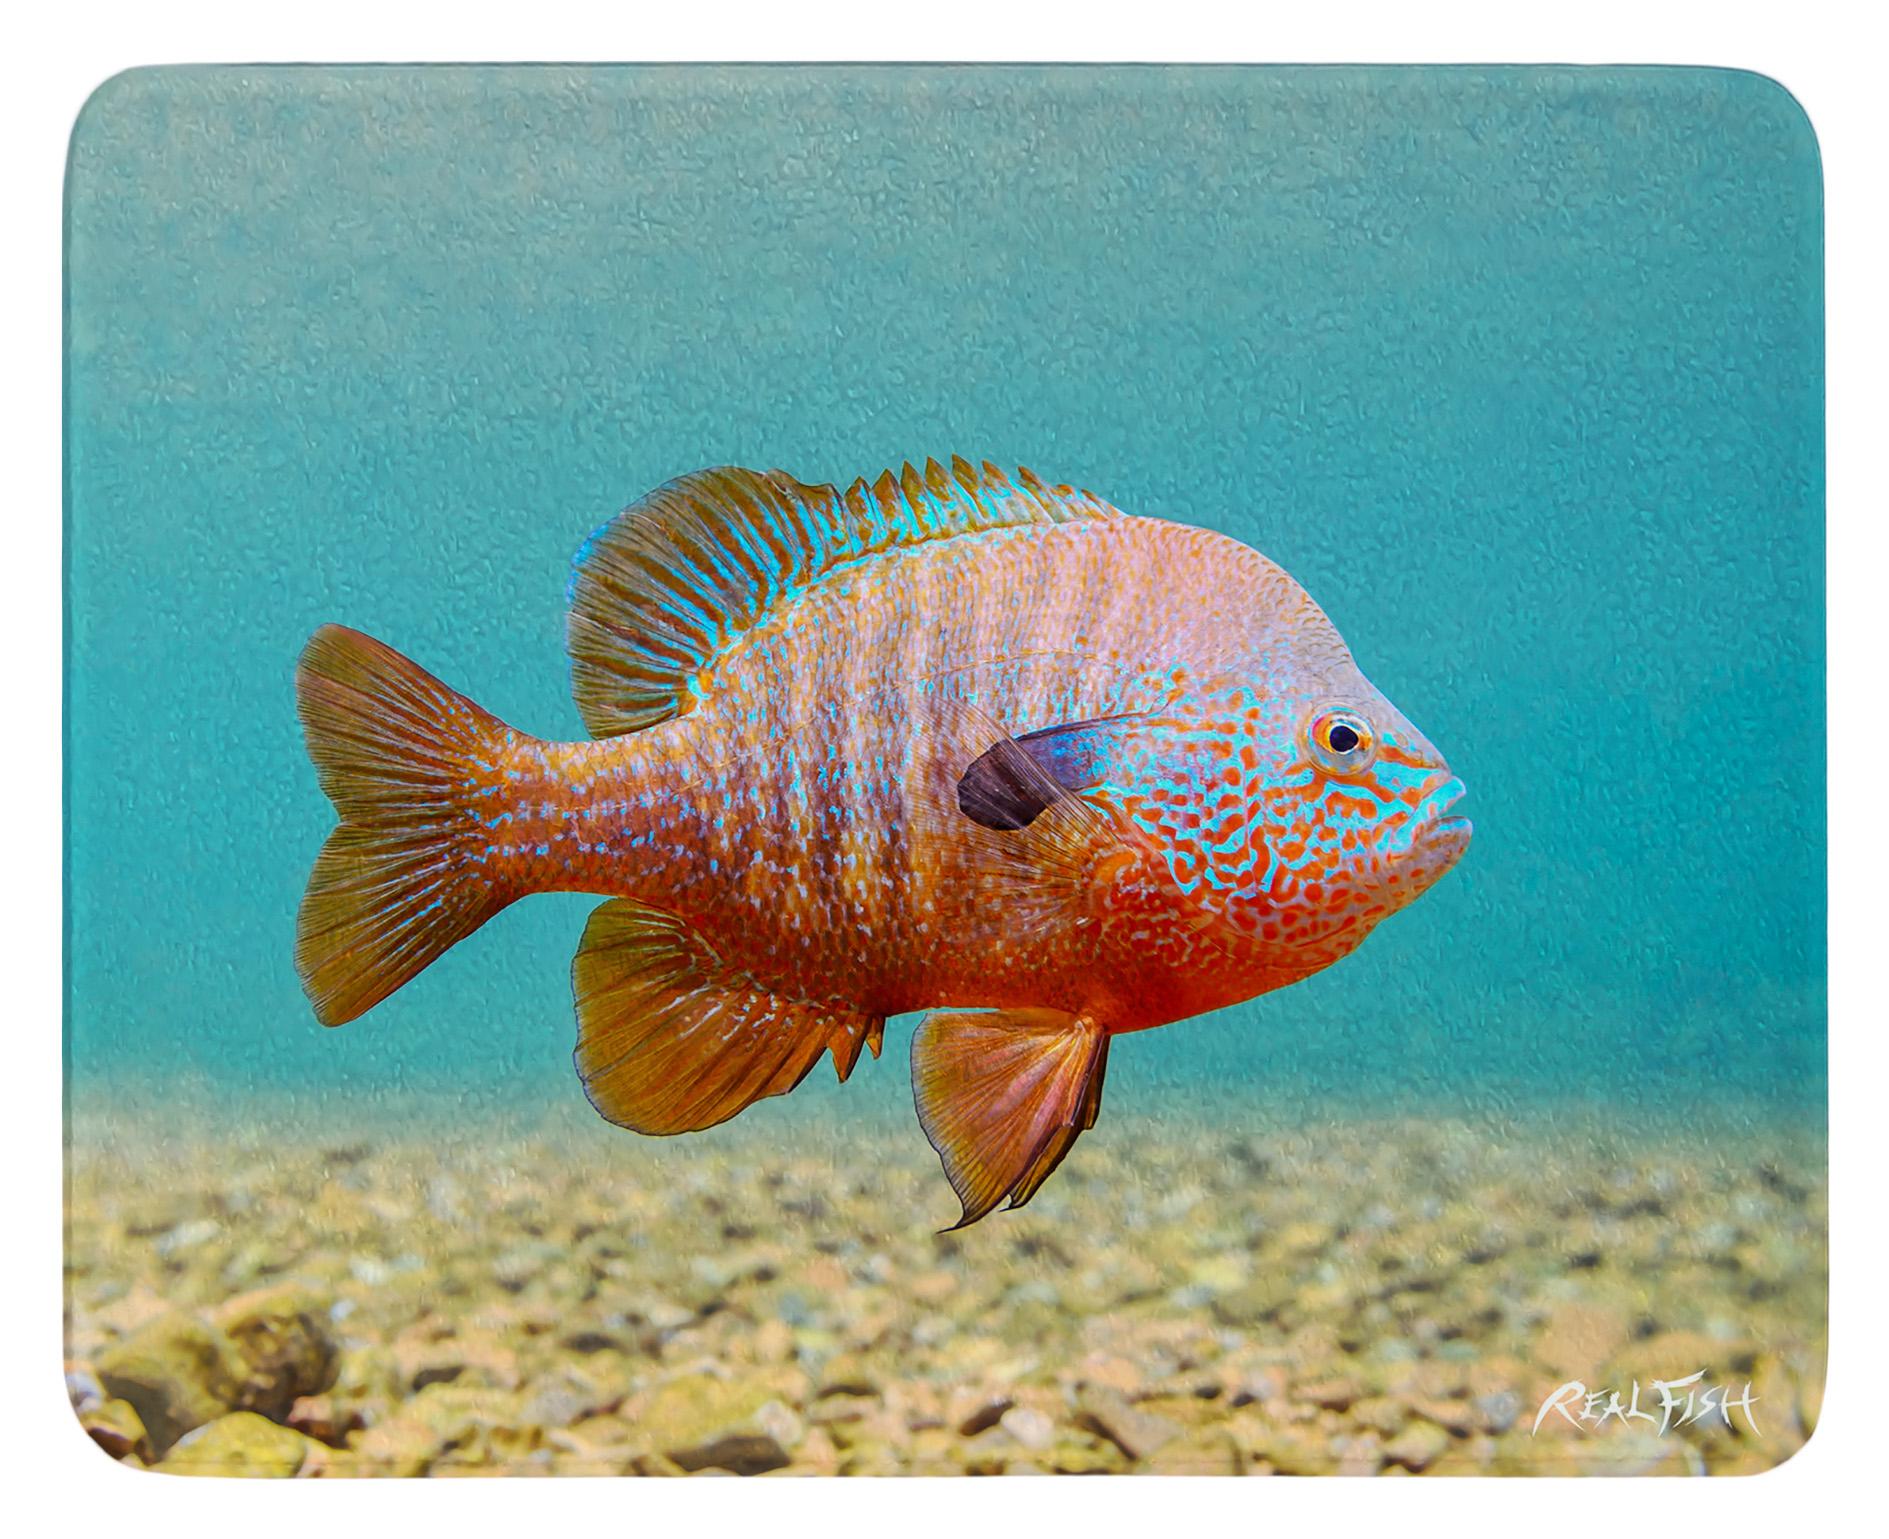 aa58bfc2eb95 12 x 15 Cutting Board - Longear Sunfish